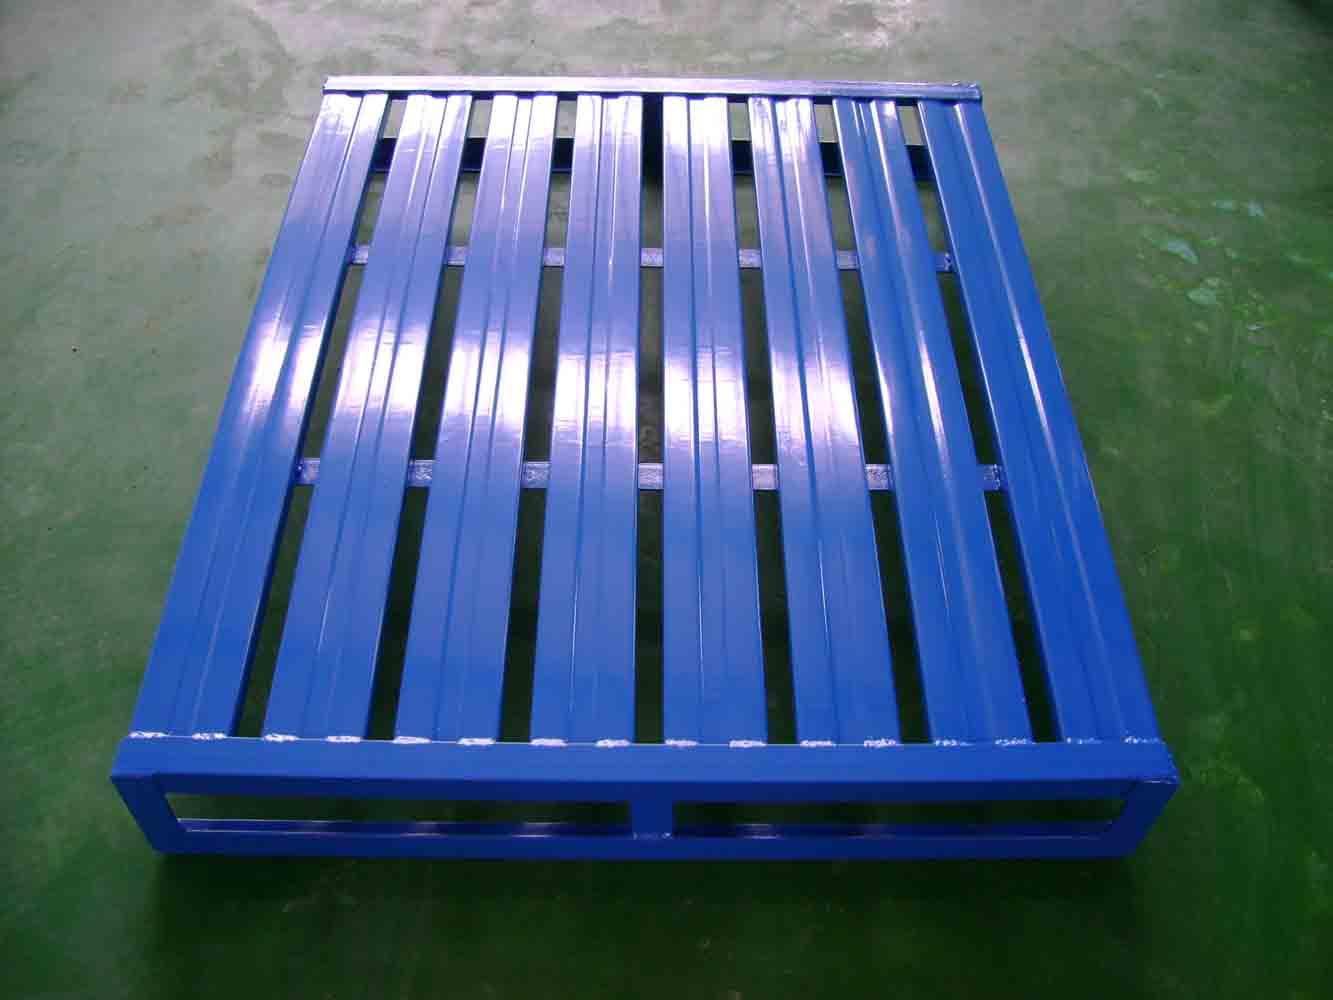 【图片】钢托盘(钢制托盘)可根据载载量及外形尺寸等要求设计定做 解决使用木托盘时质量问题